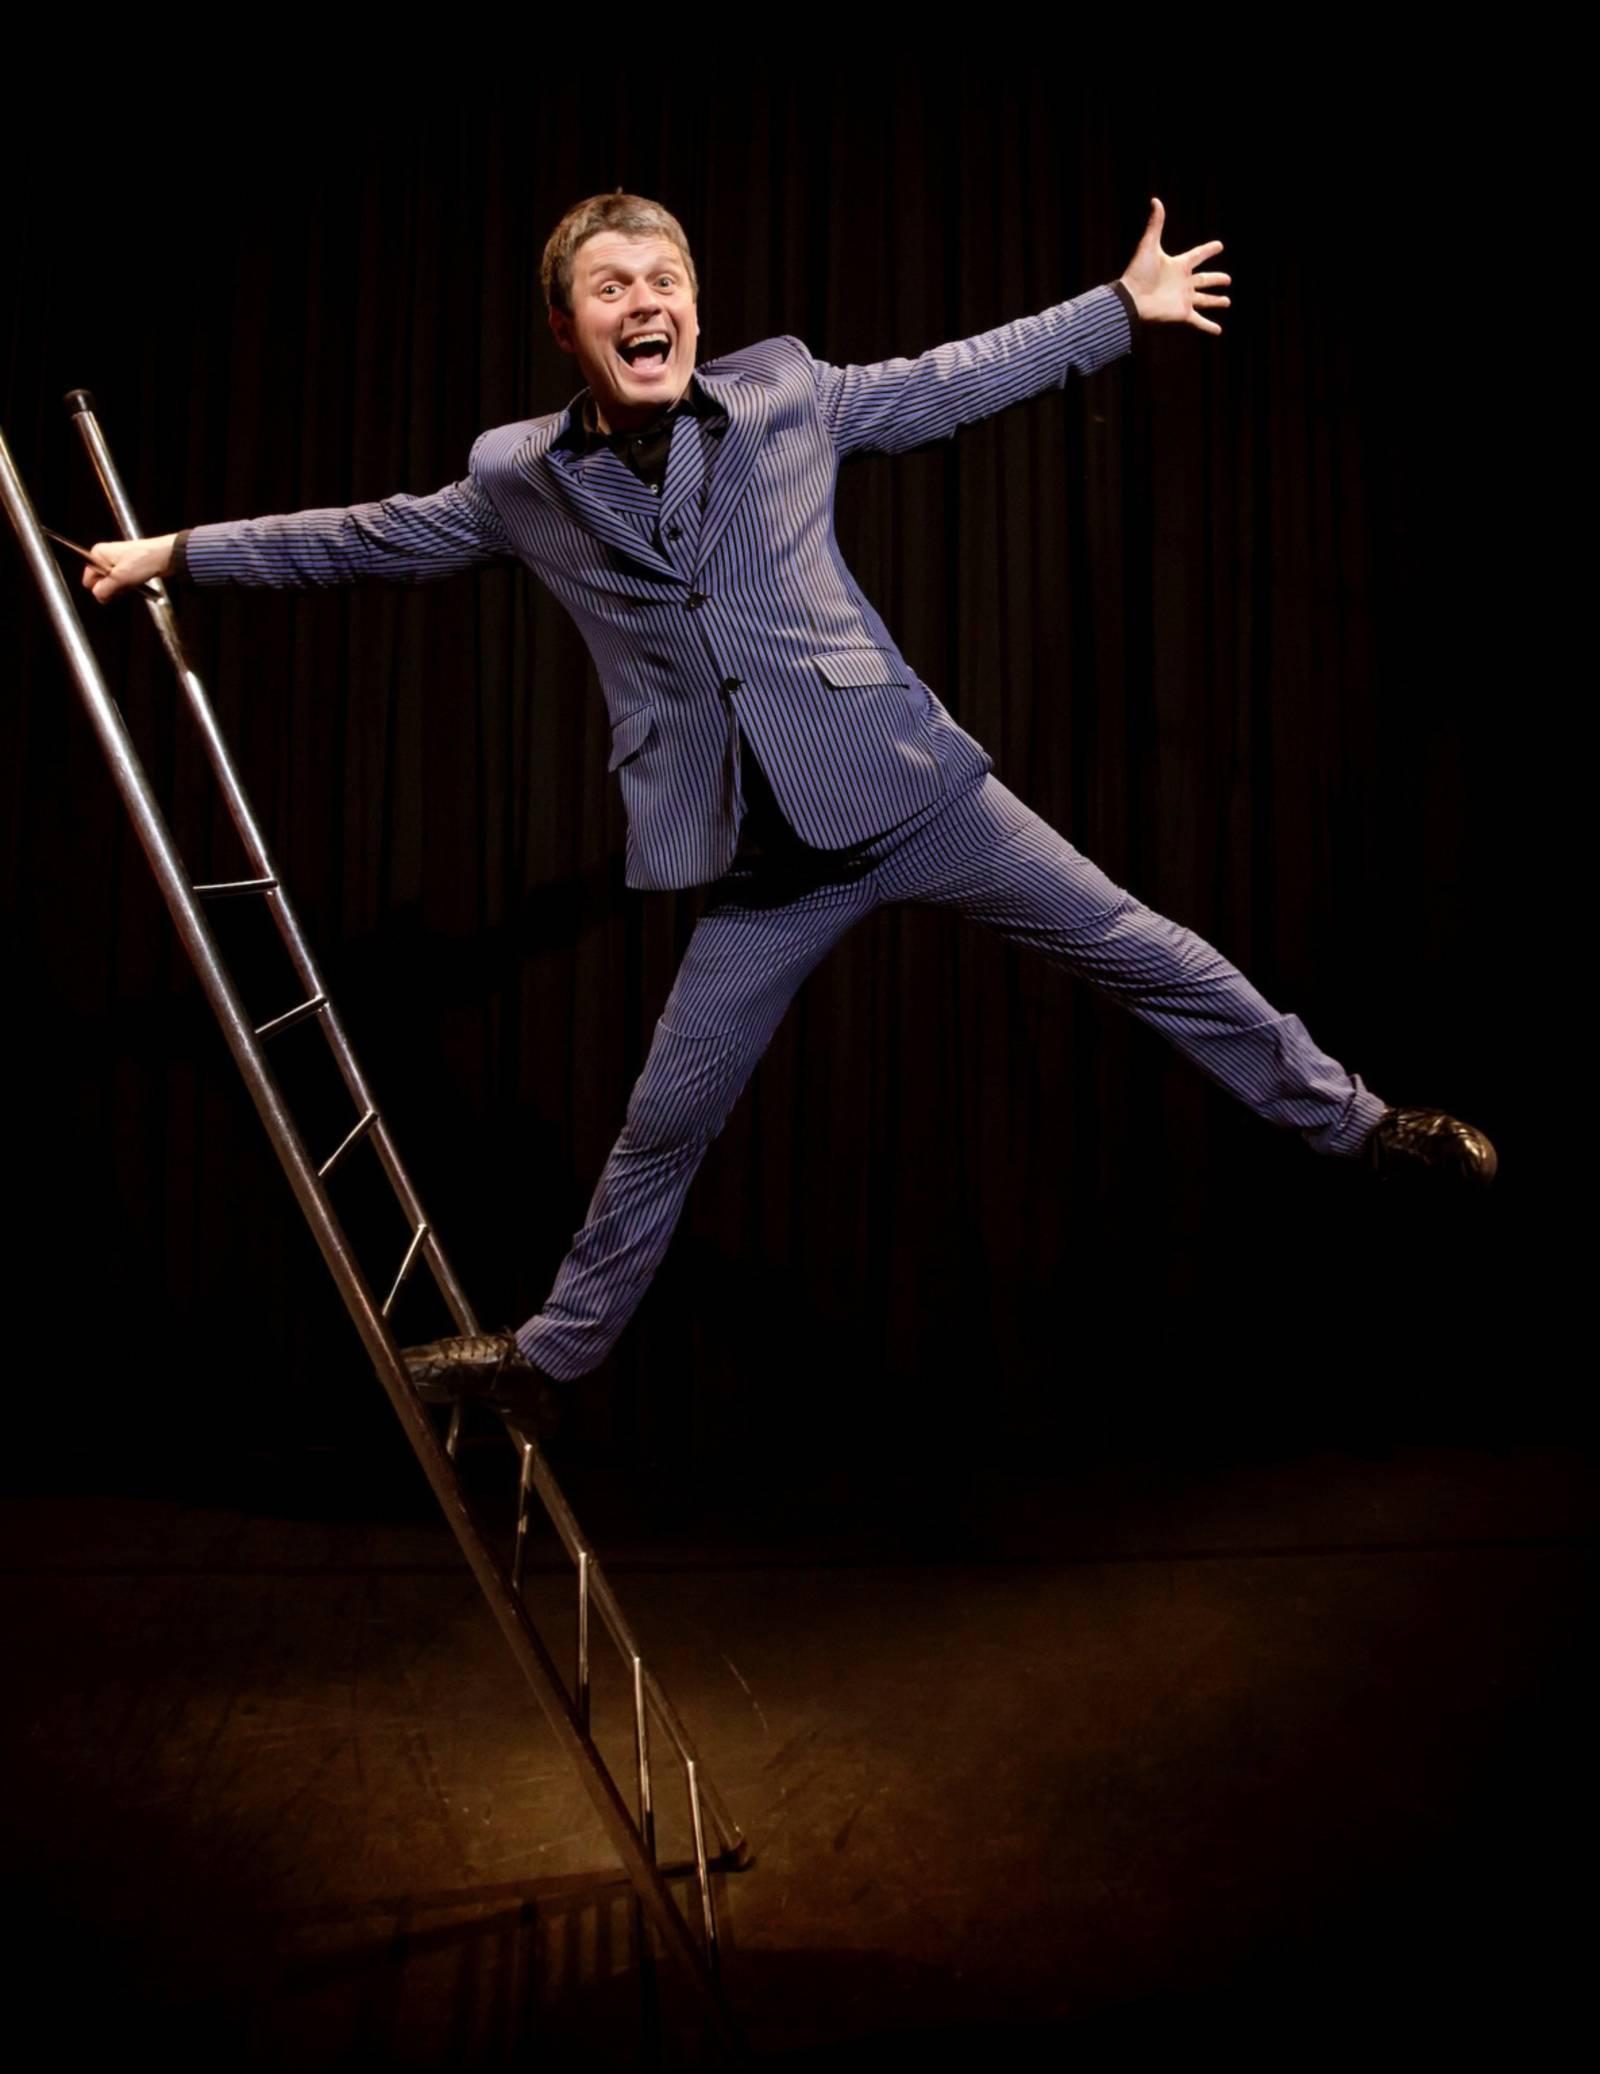 Ein Mann macht Faxen an einer Leiter